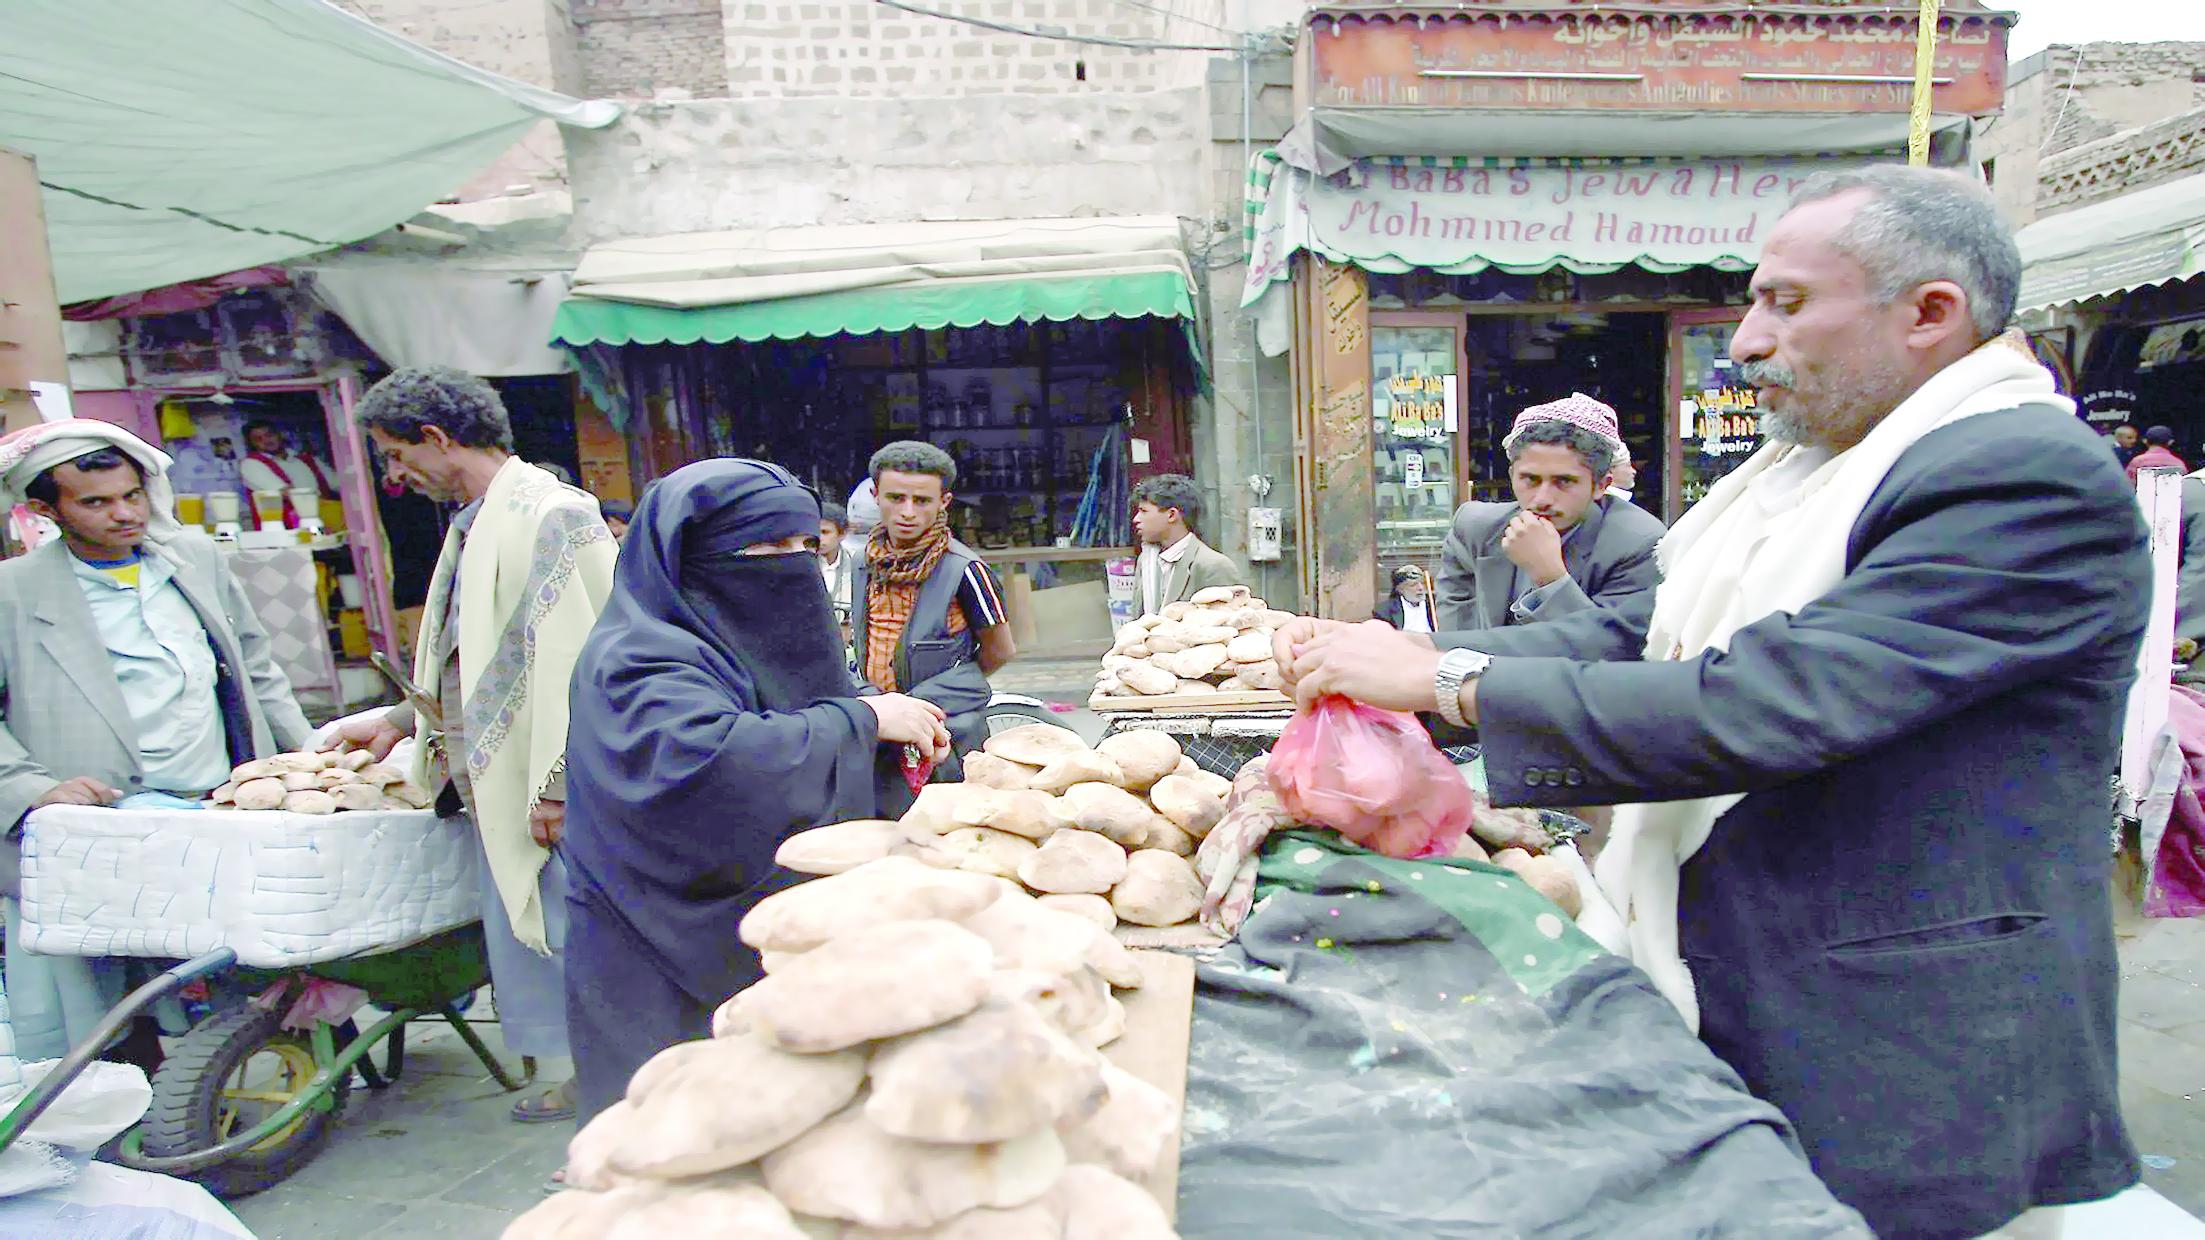 تقرير إخباريأزمة المرتبات في اليمن تطال الفلسطينيين والمتقاعدين